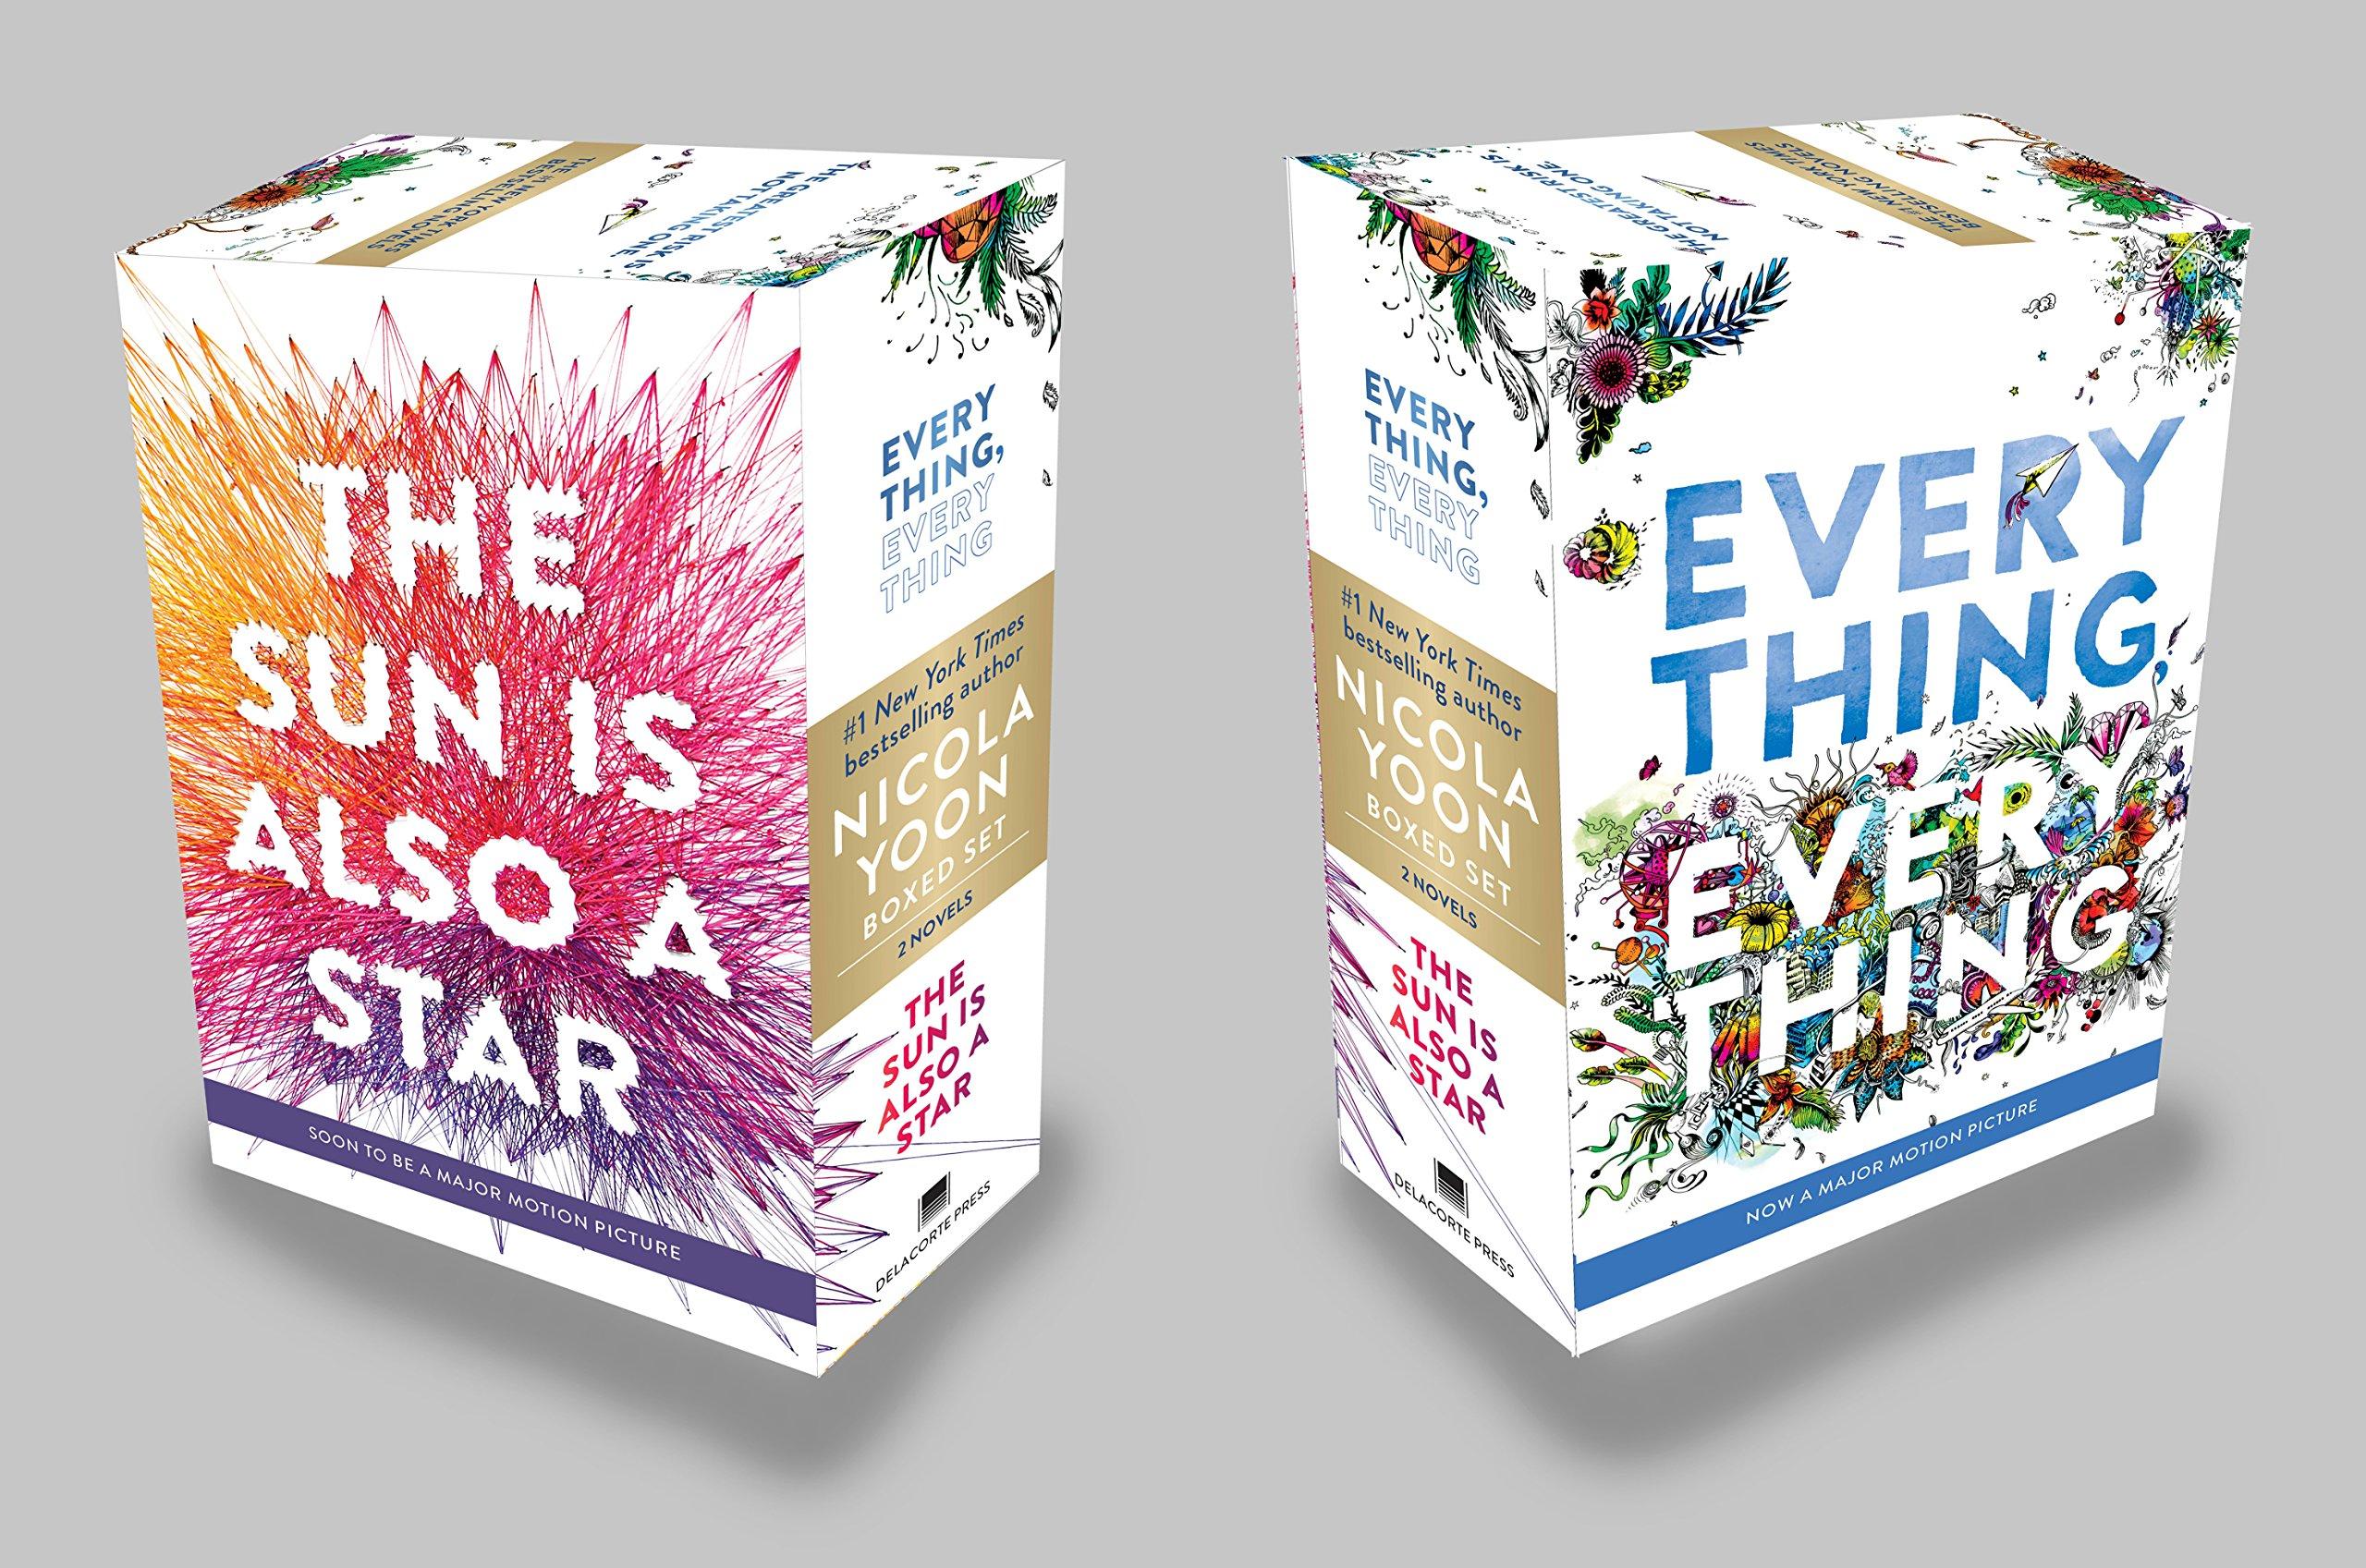 Nicola Yoon Boxed Set by Delacorte Press